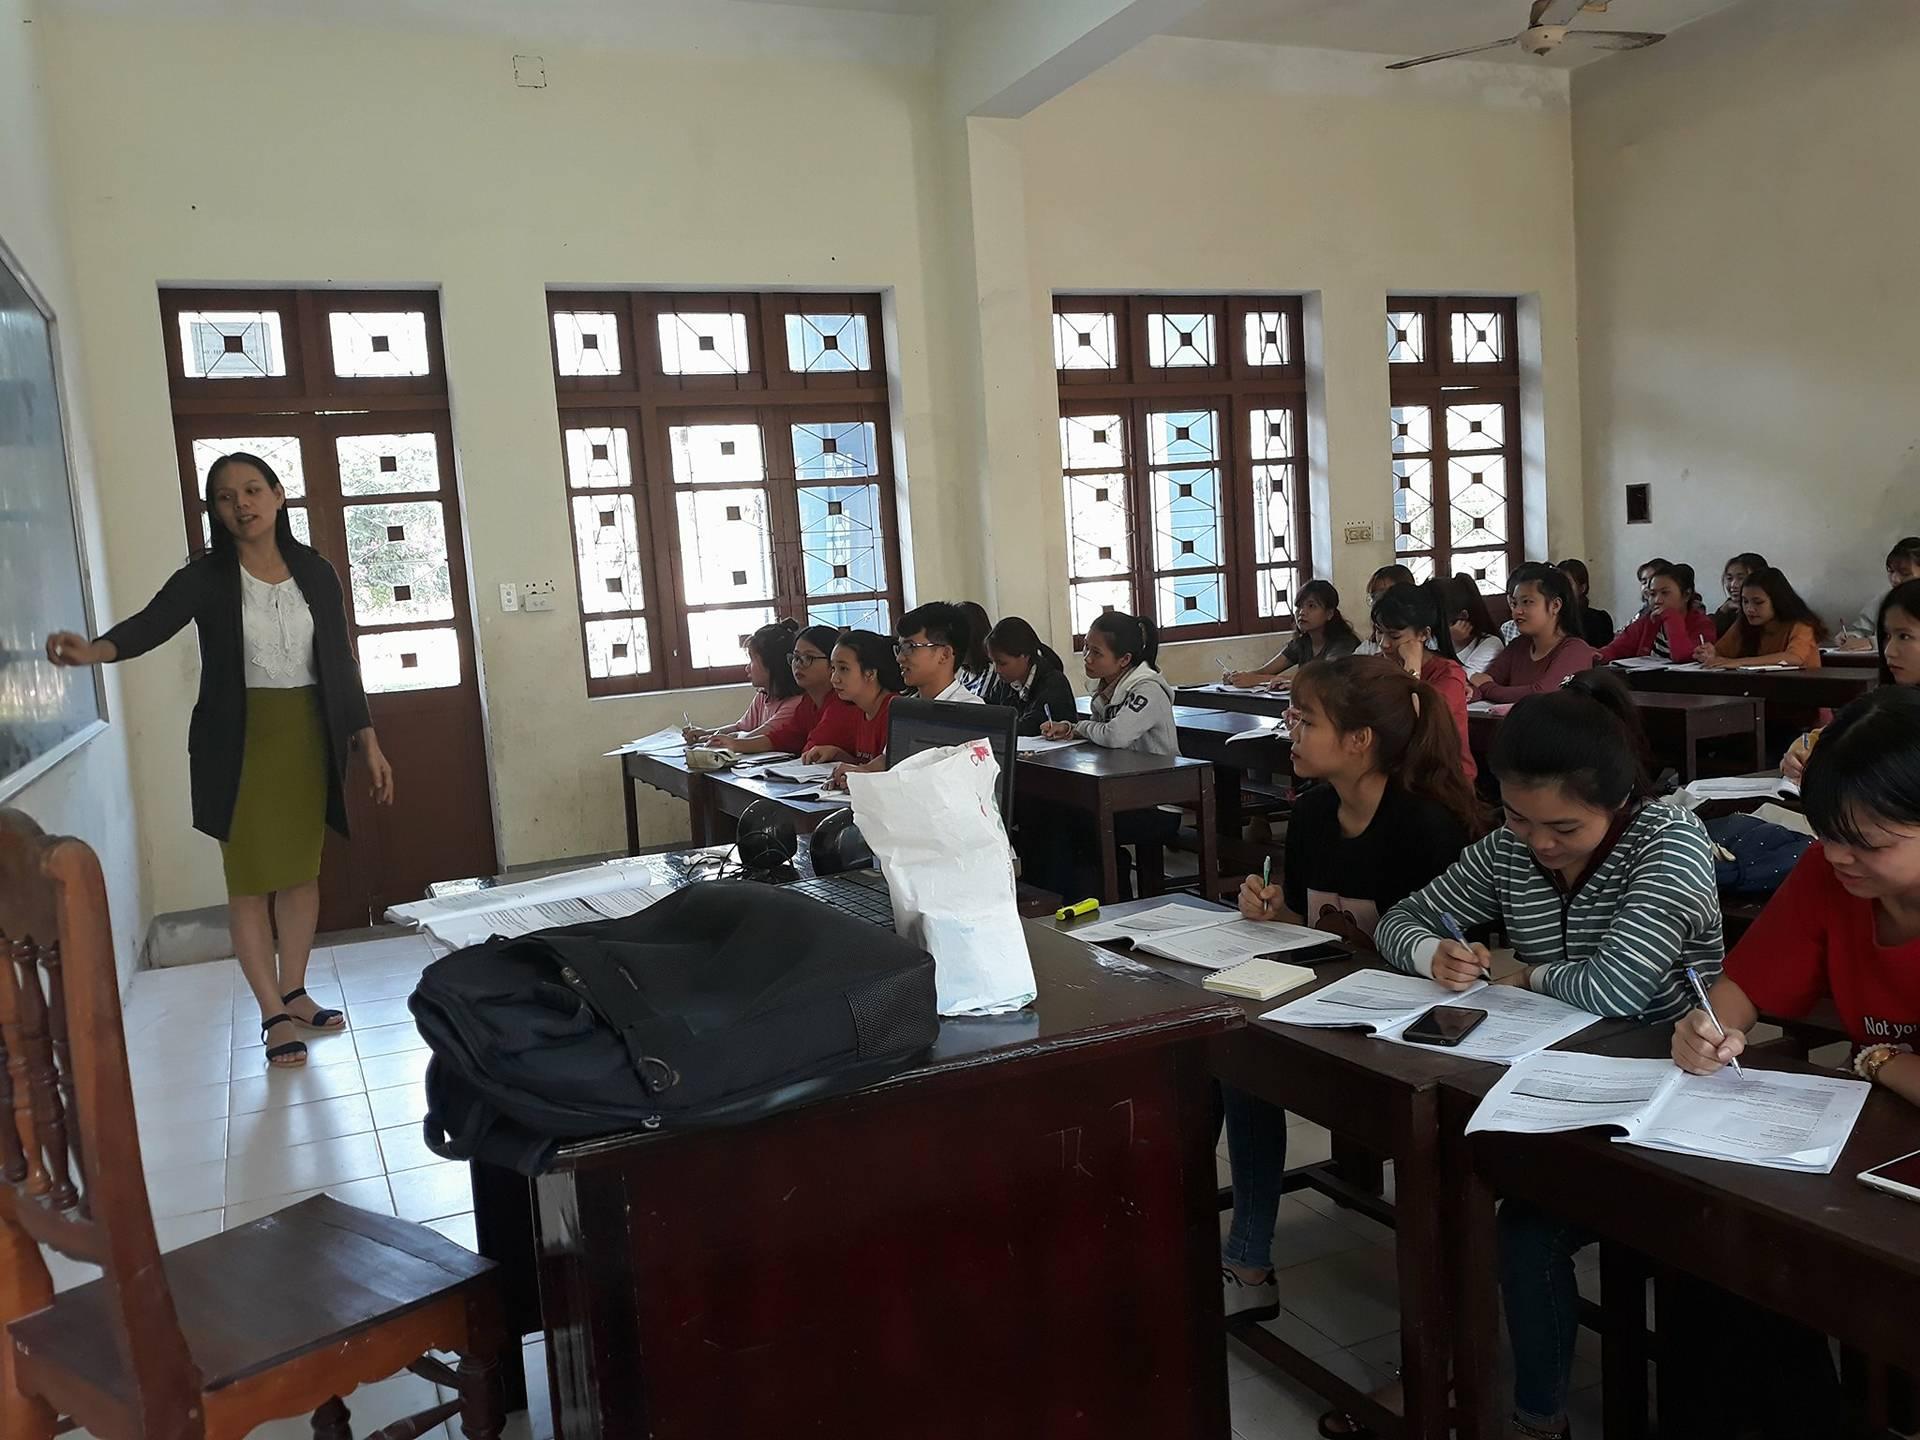 Một tiết học của sinh viên Trường Đại học Quảng Nam (ảnh minh họa). Ảnh: C.N